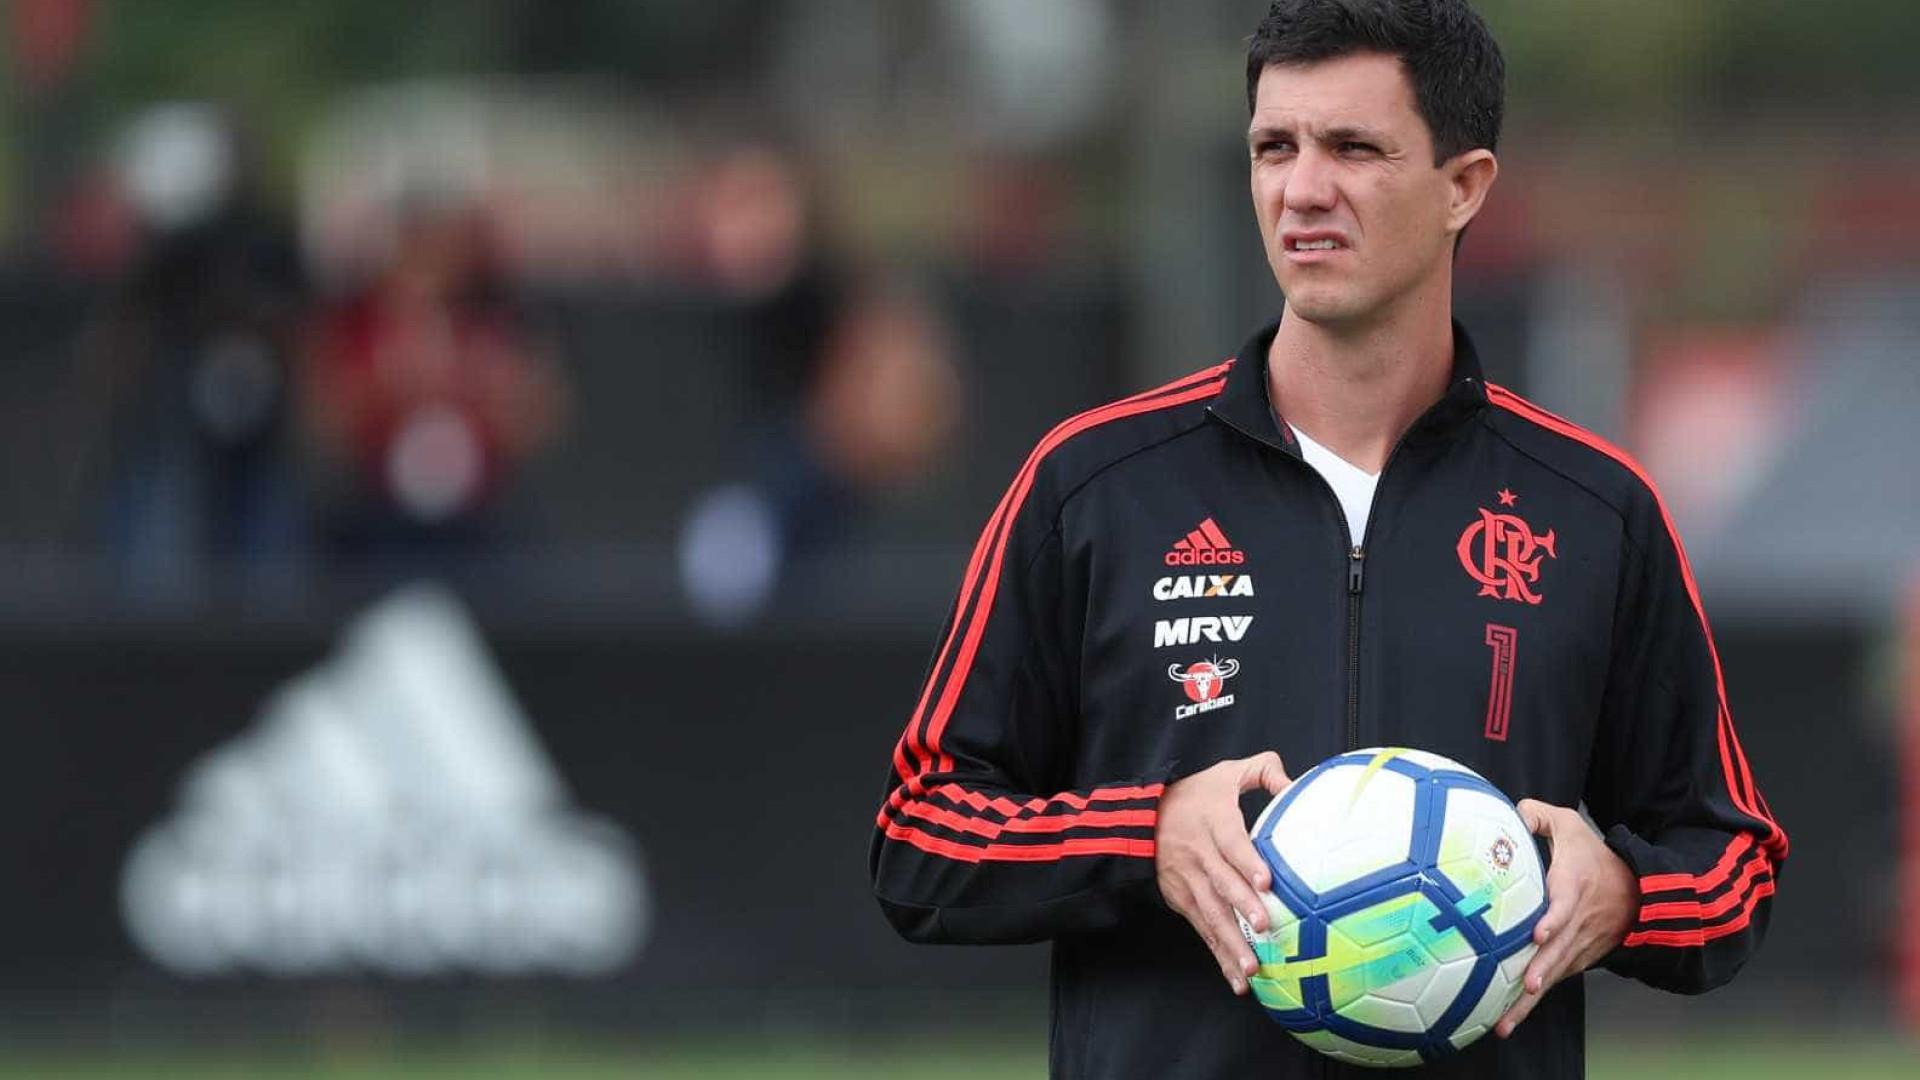 Tentando se reencontrar, Flamengo encara o Atlético-MG no Maracanã